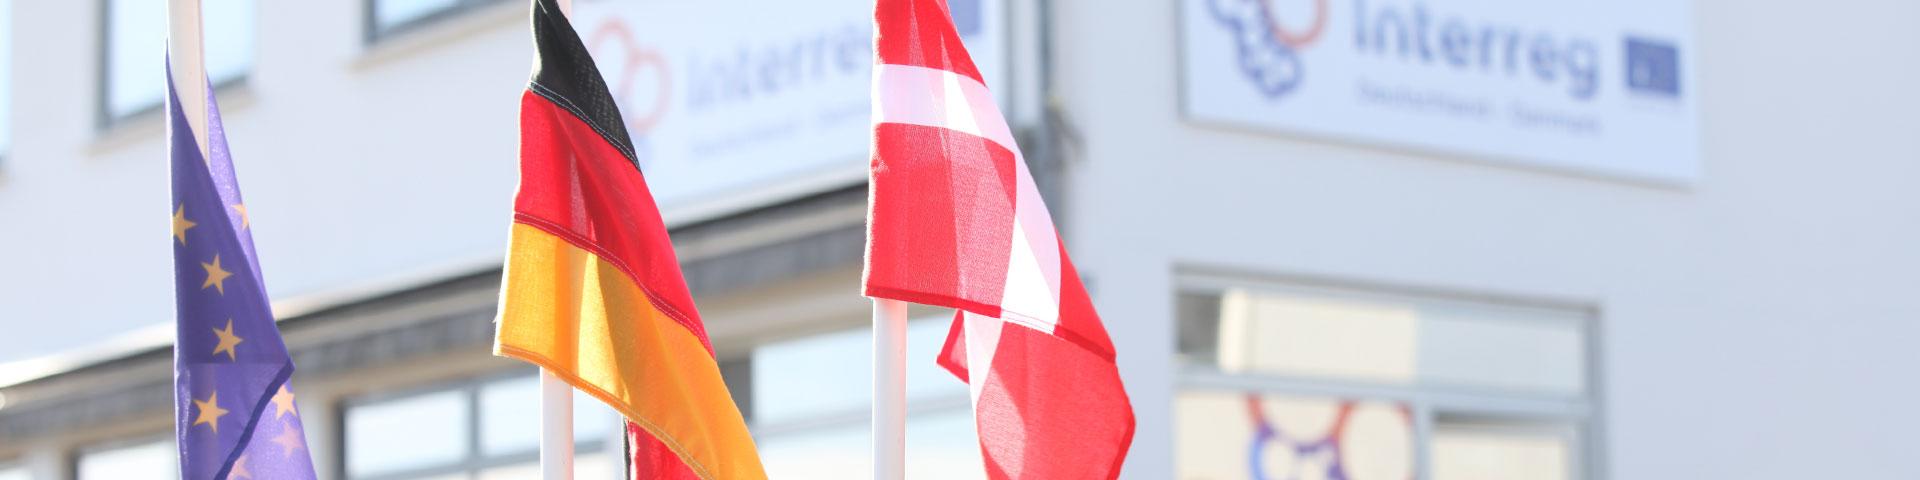 Vor dem Interreg-Gebäude wehen die eurpäische, deutsche und dänische Flagge